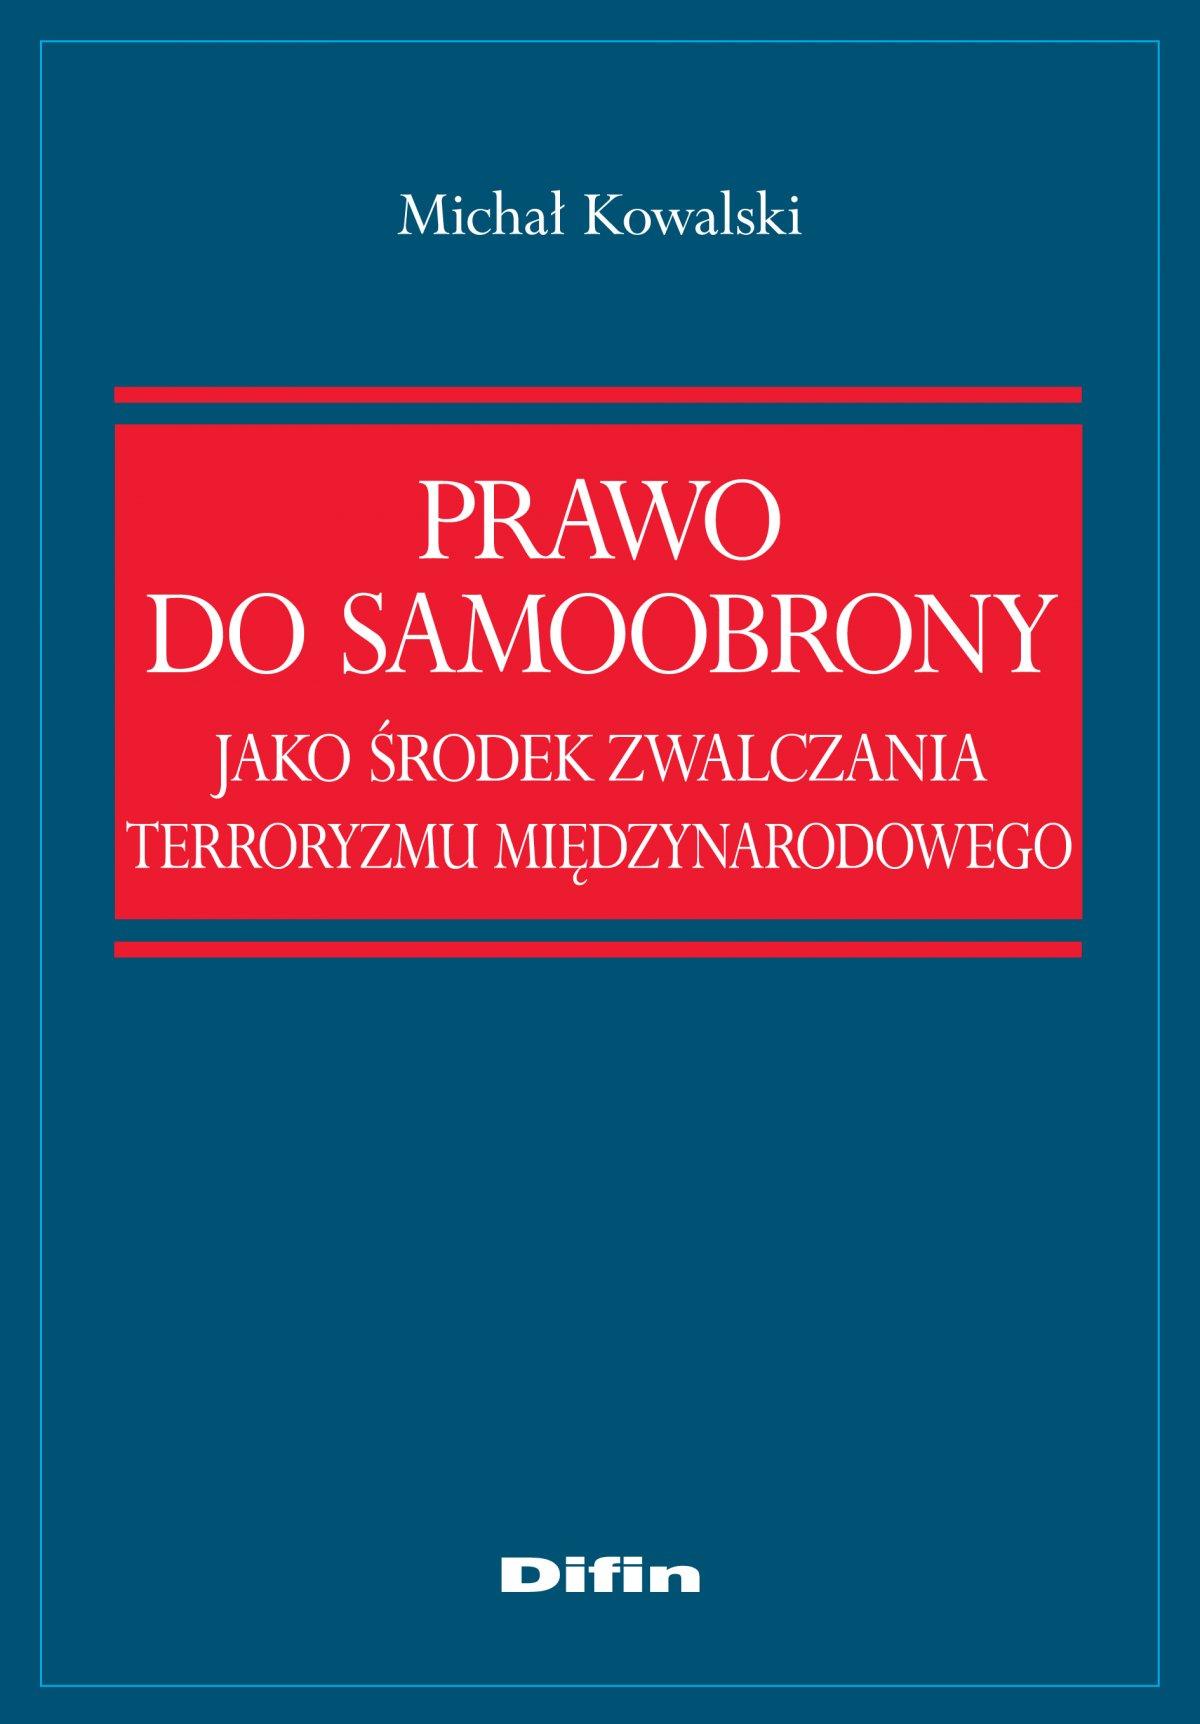 Prawo do samoobrony jako środek zwalczania terroryzmu międzynarodowego - Ebook (Książka EPUB) do pobrania w formacie EPUB